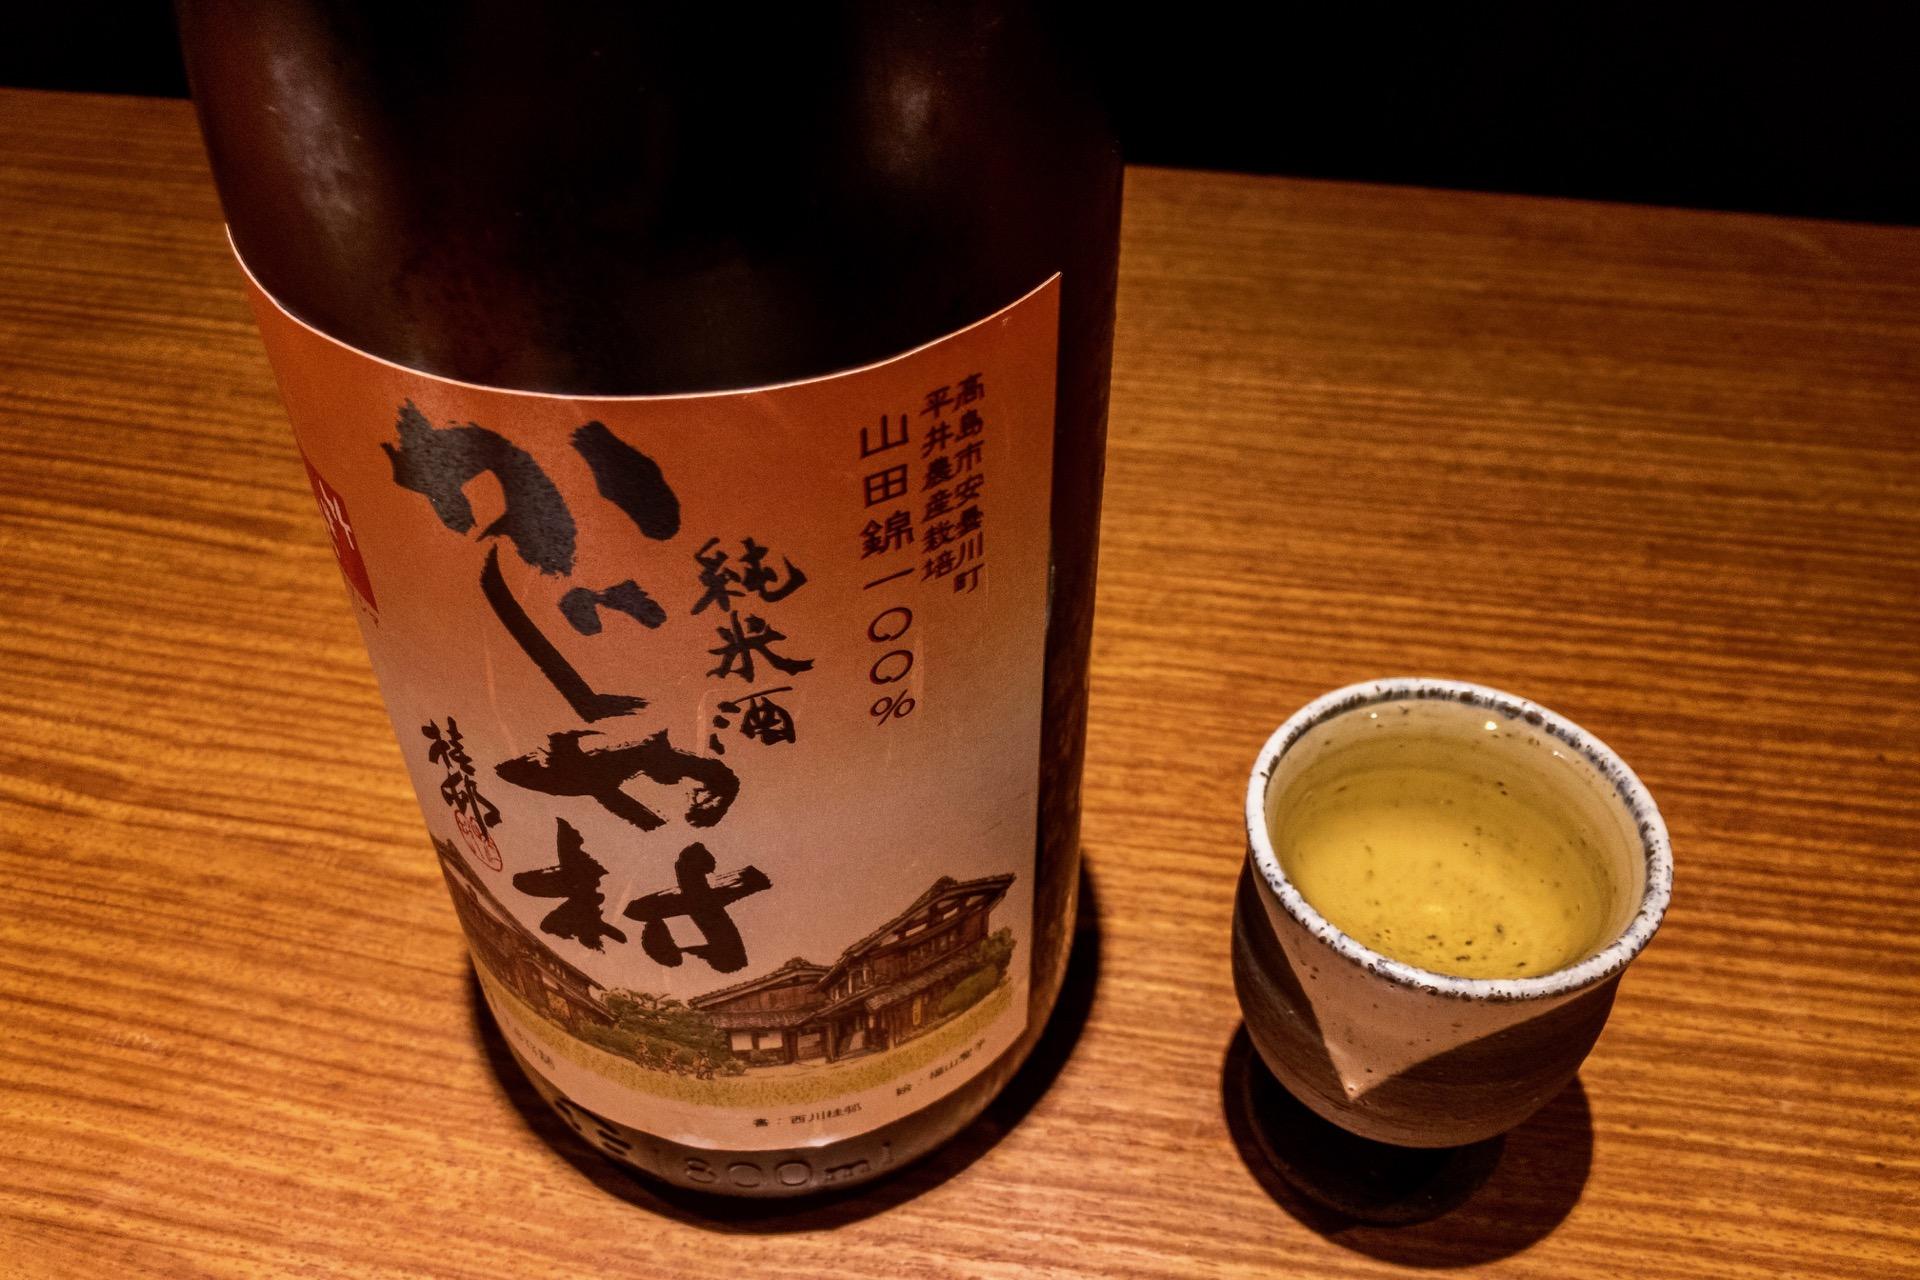 竹生嶋 かじや村 純米原酒 ひやおろし|日本酒テイスティングノート